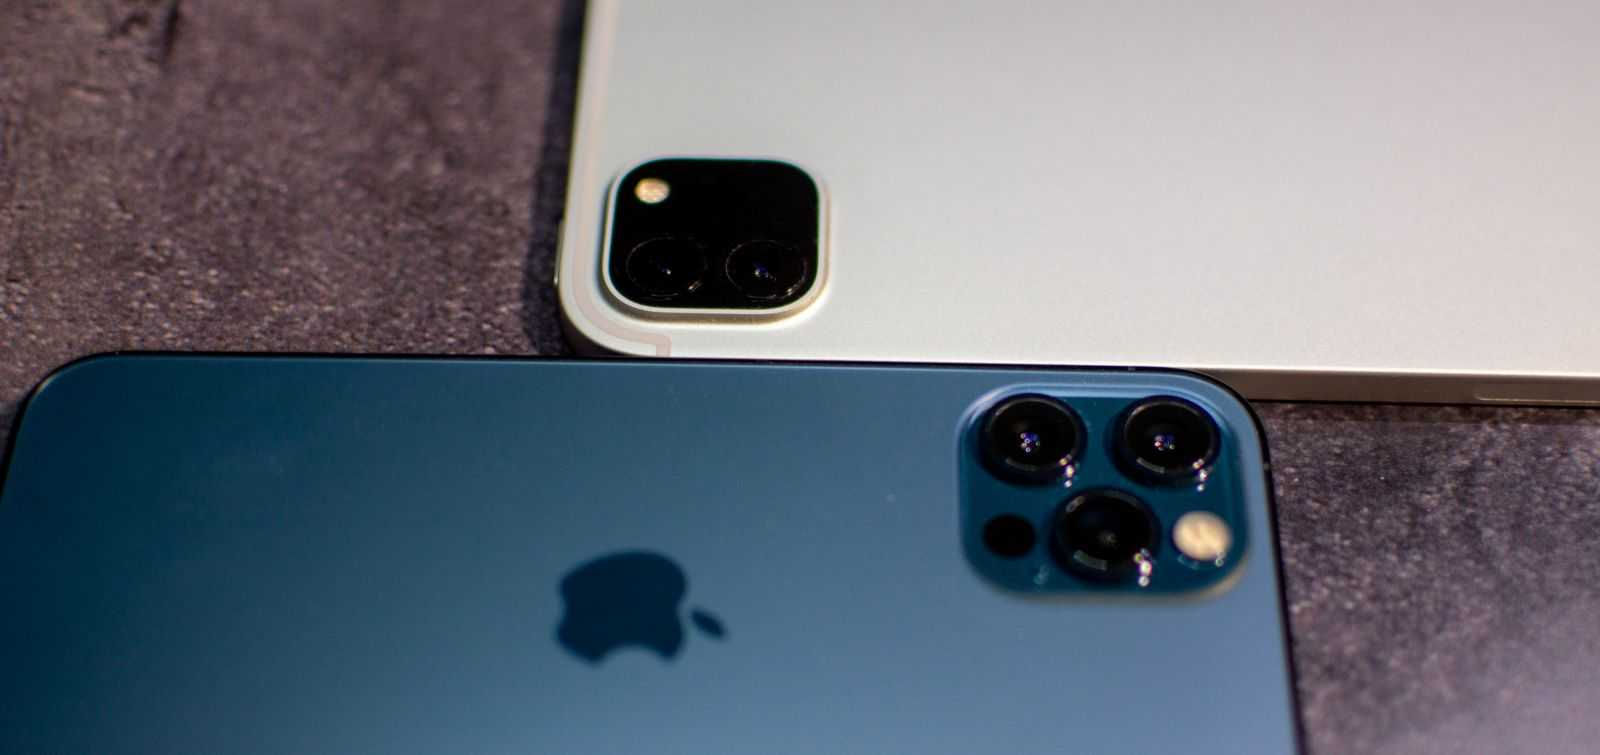 Обзор iPhone 12 Pro: мой любимый размер и цвет (DSC 9908 Edit)